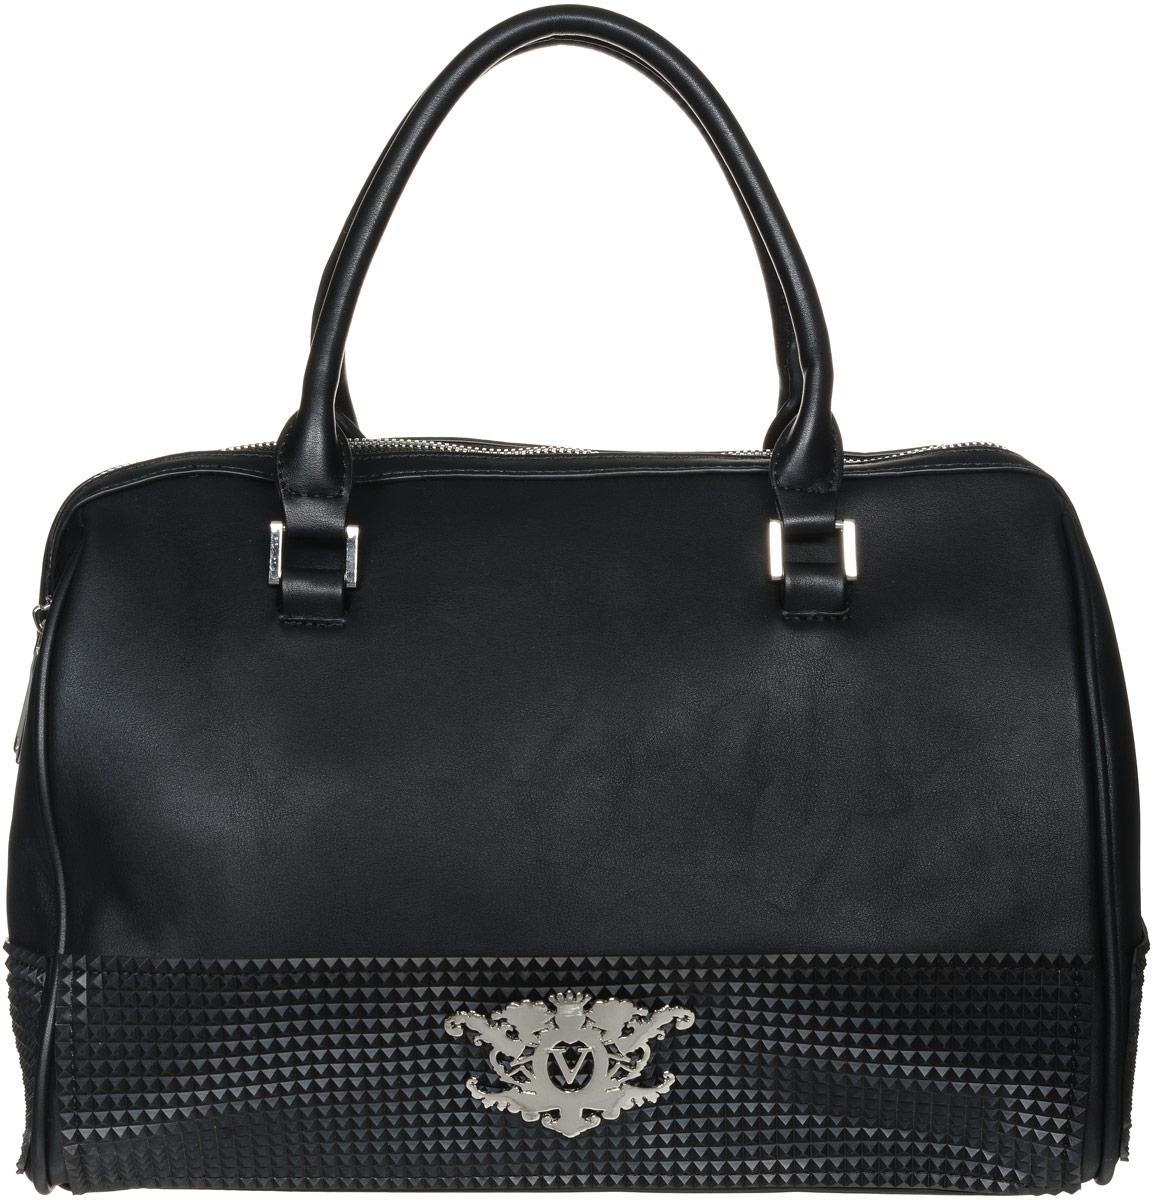 Сумка женская Vitacci, цвет: черный. V115610130-11Изысканная женская сумка Vitacci идеально дополнит ваш образ. Она изготовлена из качественной искусственной кожи и оформлена фактурными резиновыми нашивками. Лицевая часть оформлена металлической пластинкой с логотипом бренда. На тыльной стороне расположен вшитый карман на молнии. Сумка оснащена удобными ручками и закрывается на удобную молнию. Внутри расположено главное отделение, которое разделяет карман-средник на молнии. Также внутри находятся два открытых накладных кармана для телефона и мелочей и один вшитый карман на молнии. Изделие оснащено съемным регулируемым плечевым ремнем, который фиксируется с помощью замков-карабинов. Также сумка дополнена металлическими ножками, которые предотвратят повреждение дна сумки. Роскошная и модная сумка внесет элегантные нотки в ваш образ и подчеркнет ваш неповторимый стиль.